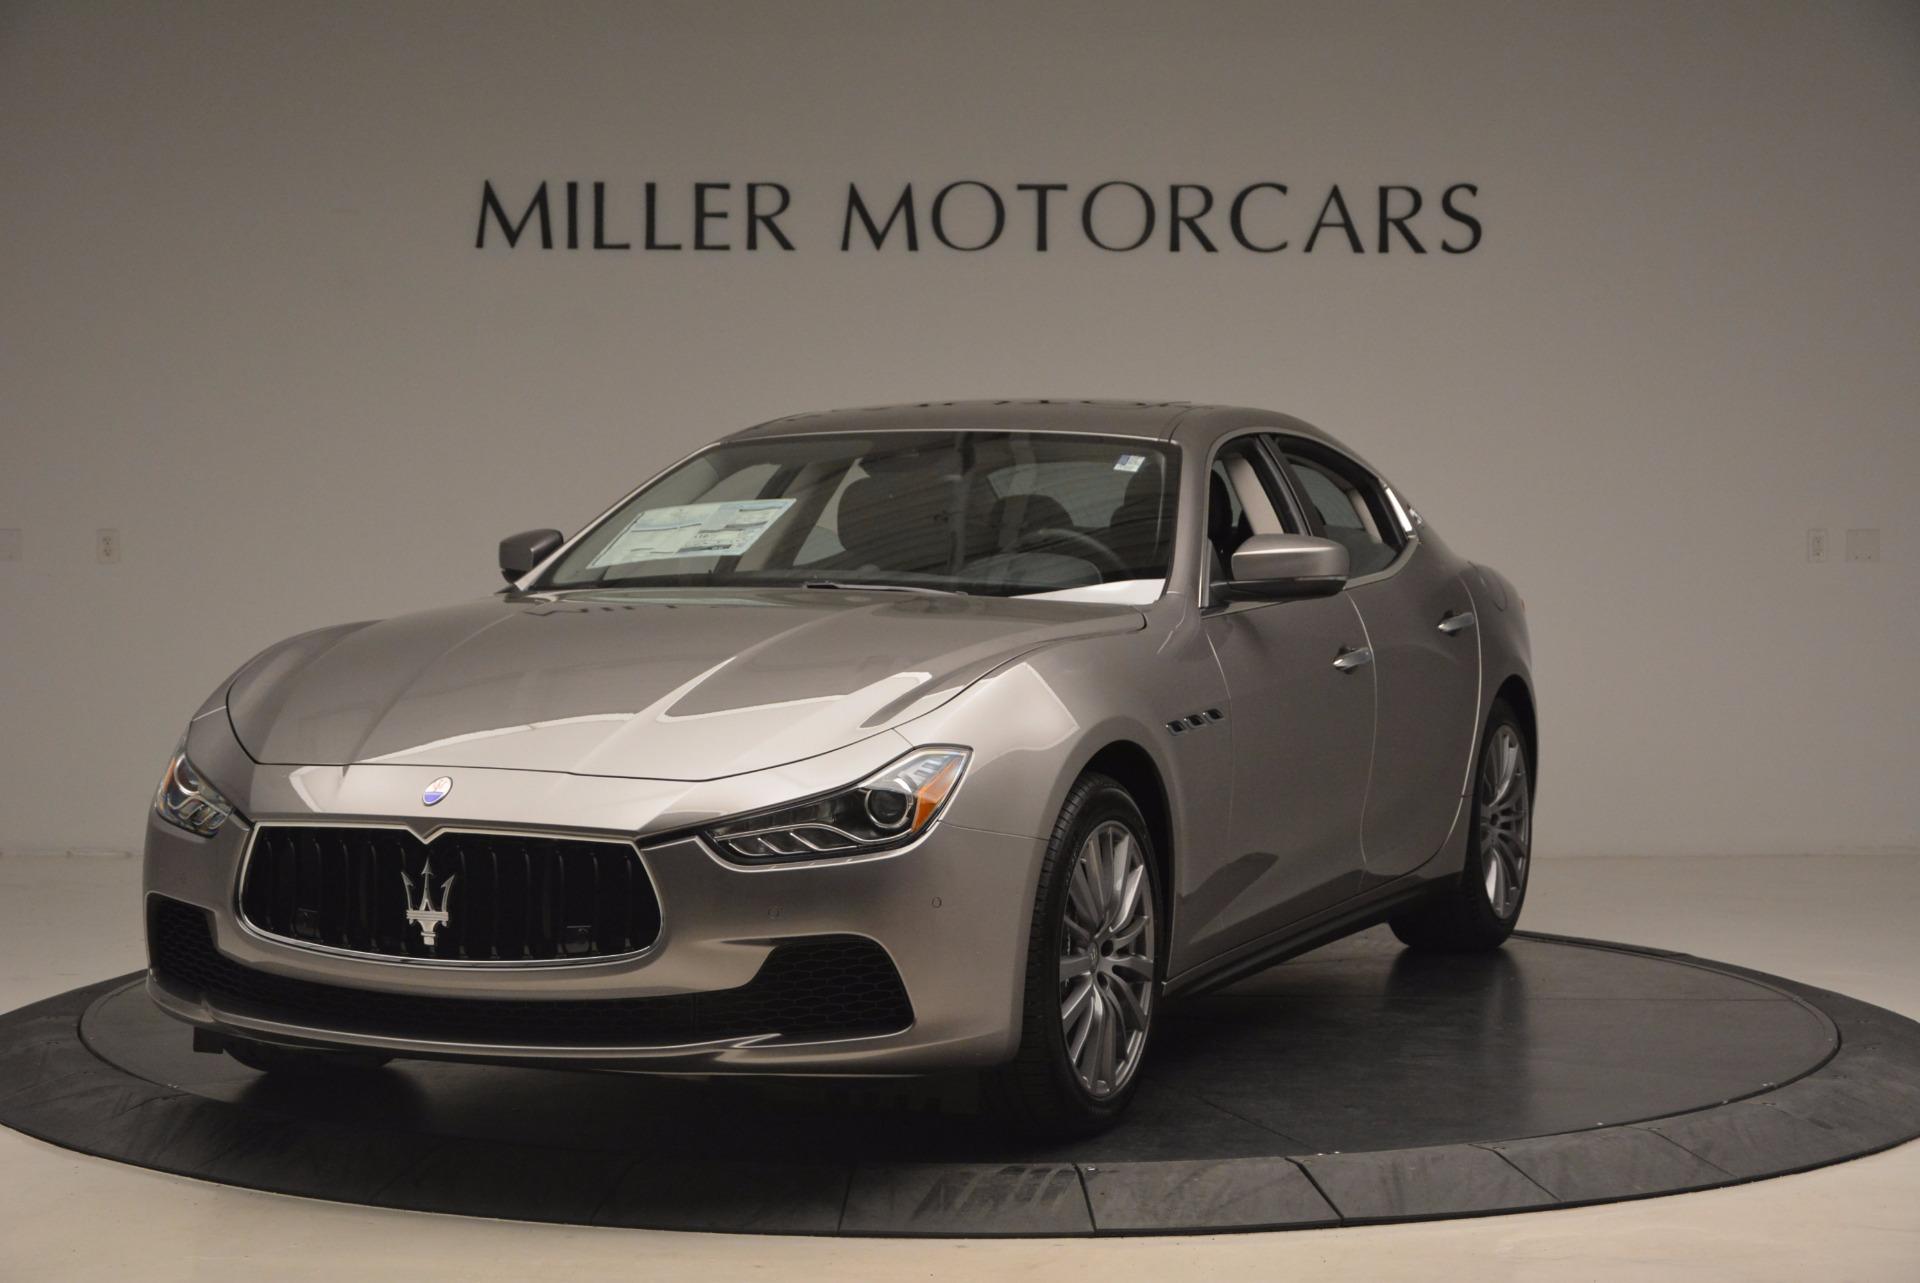 New 2017 Maserati Ghibli SQ4 For Sale In Westport, CT 1109_main